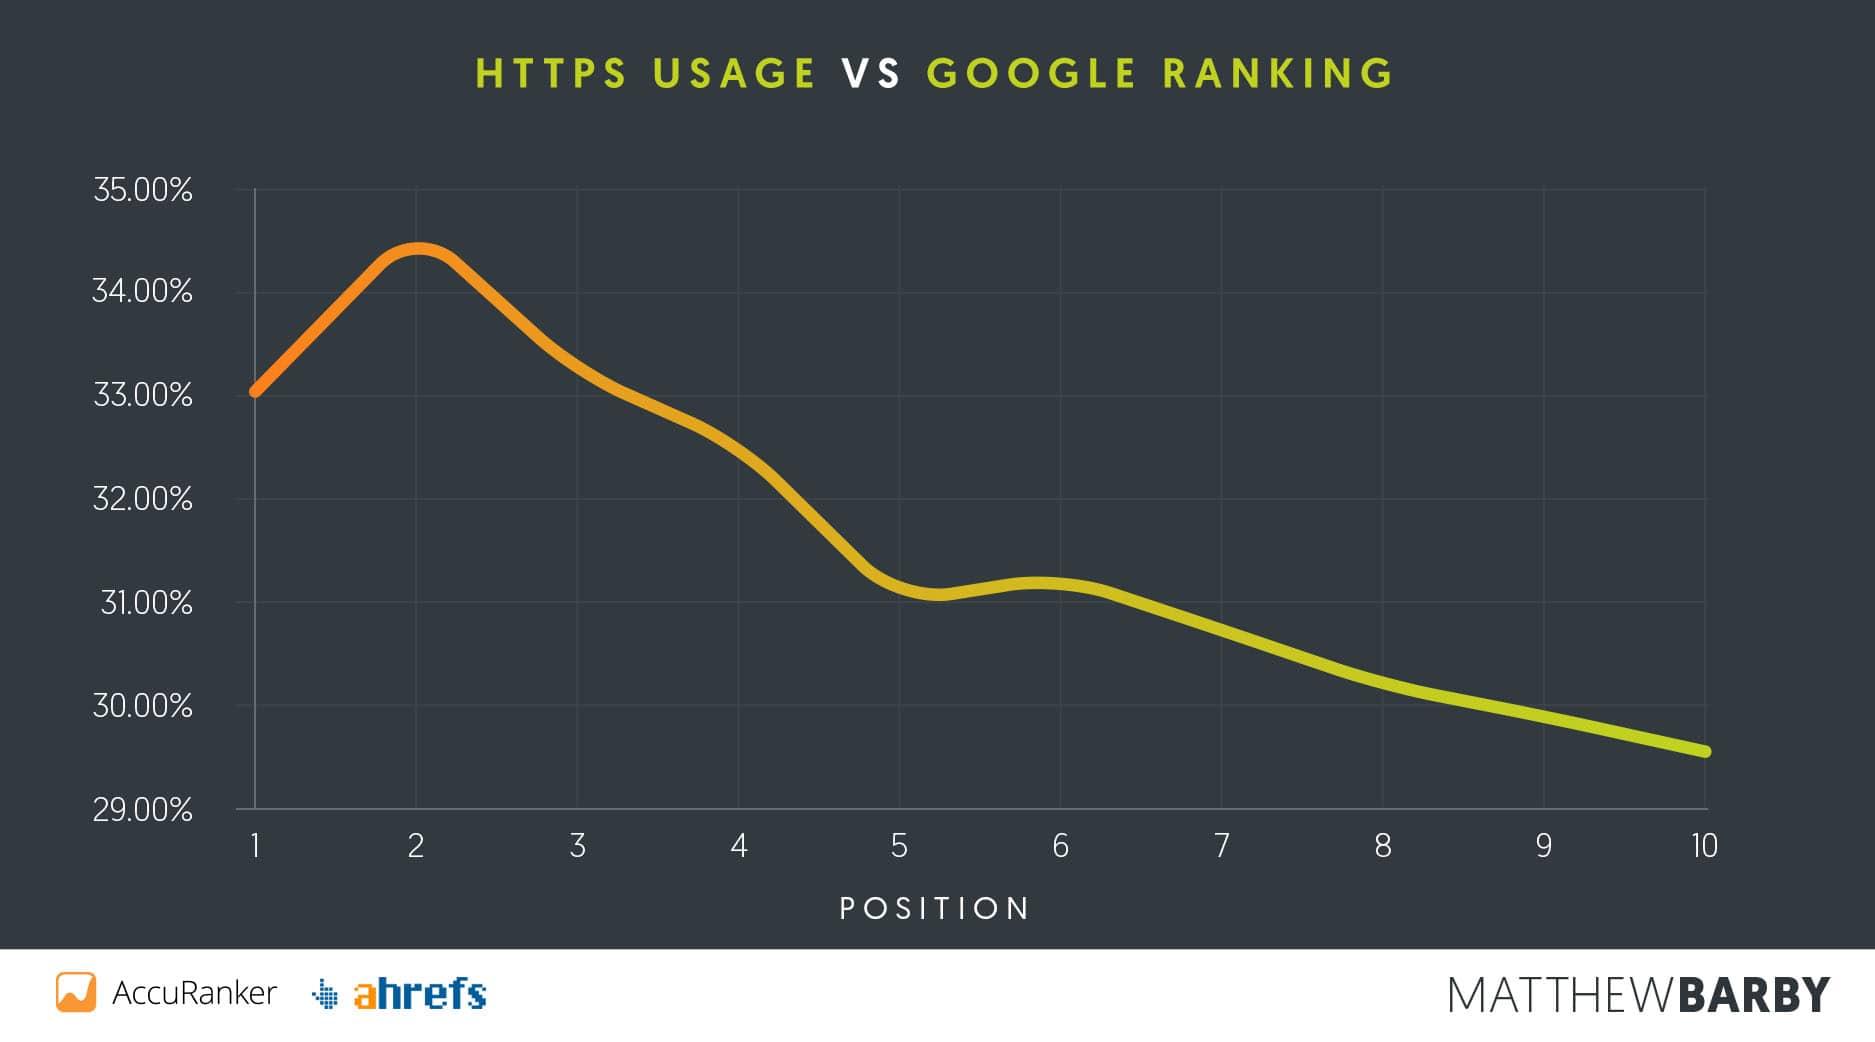 HTTPS-användning jämfört med Google´s ranking